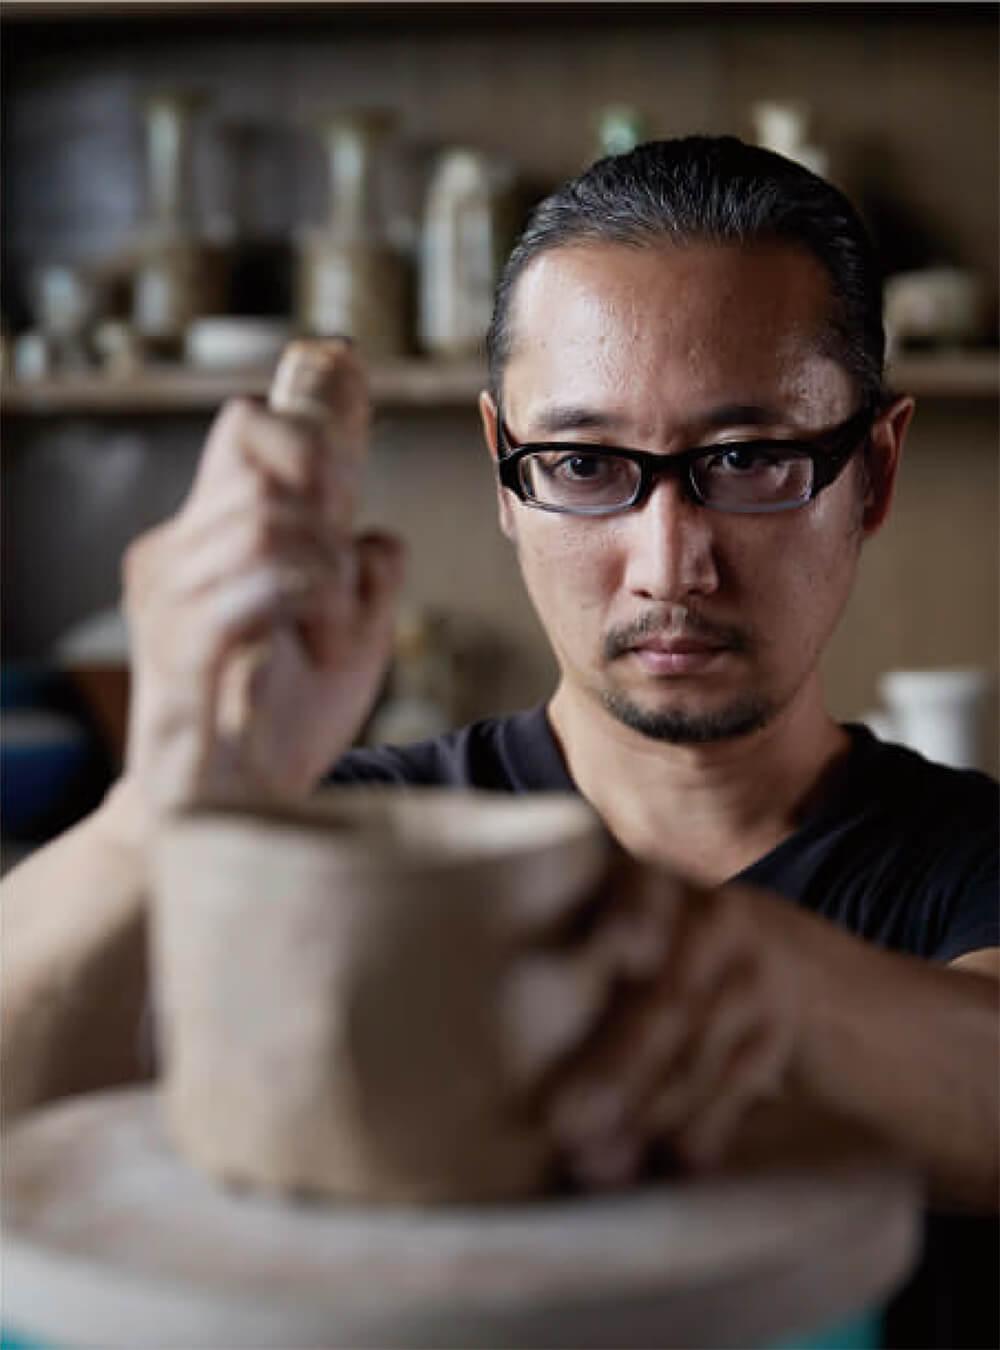 2020年11月20日から開催の「加藤亮太郎 遊盌展」の八代 加藤亮太郎の写真